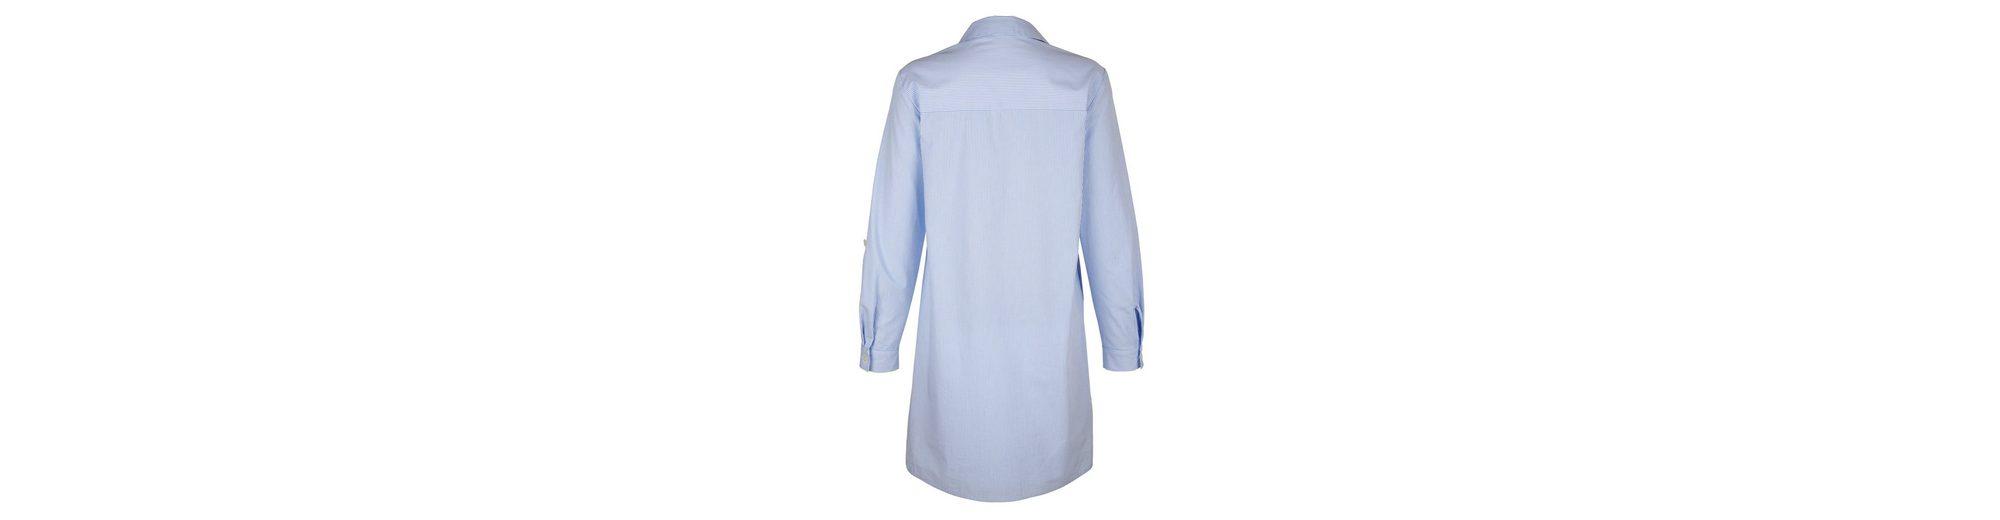 Durchsuche Sat Alba Moda Hemdblusenkleid in gewebtem Streifendessin Kaufen Sie Ihre Lieblings Rabatt Nicekicks ahrBYKF